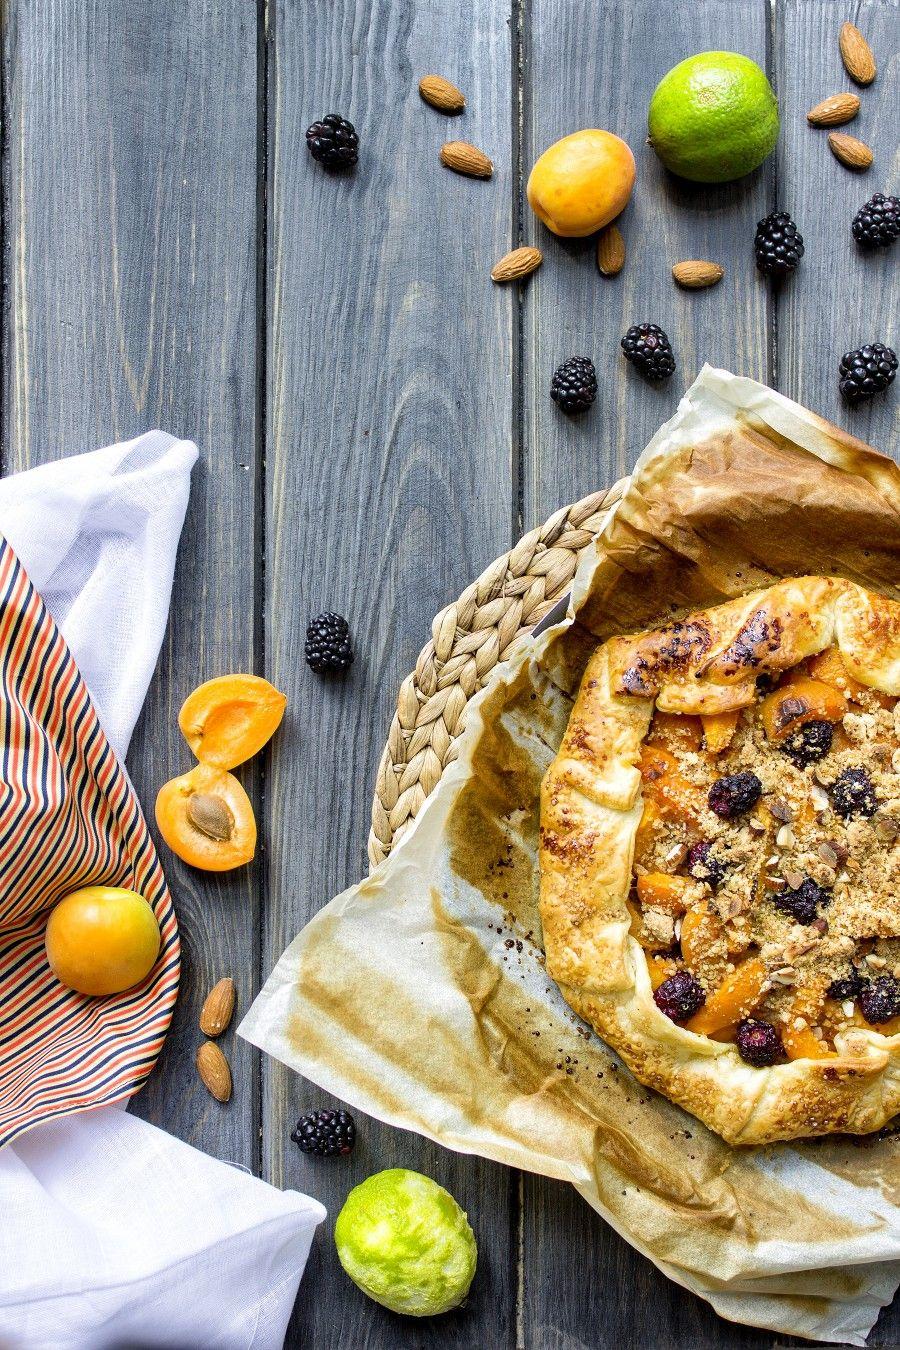 sfoglia-con-albicocche-e-more-ricette-facili-dolci-con-la-frutta-contemporaneo-food